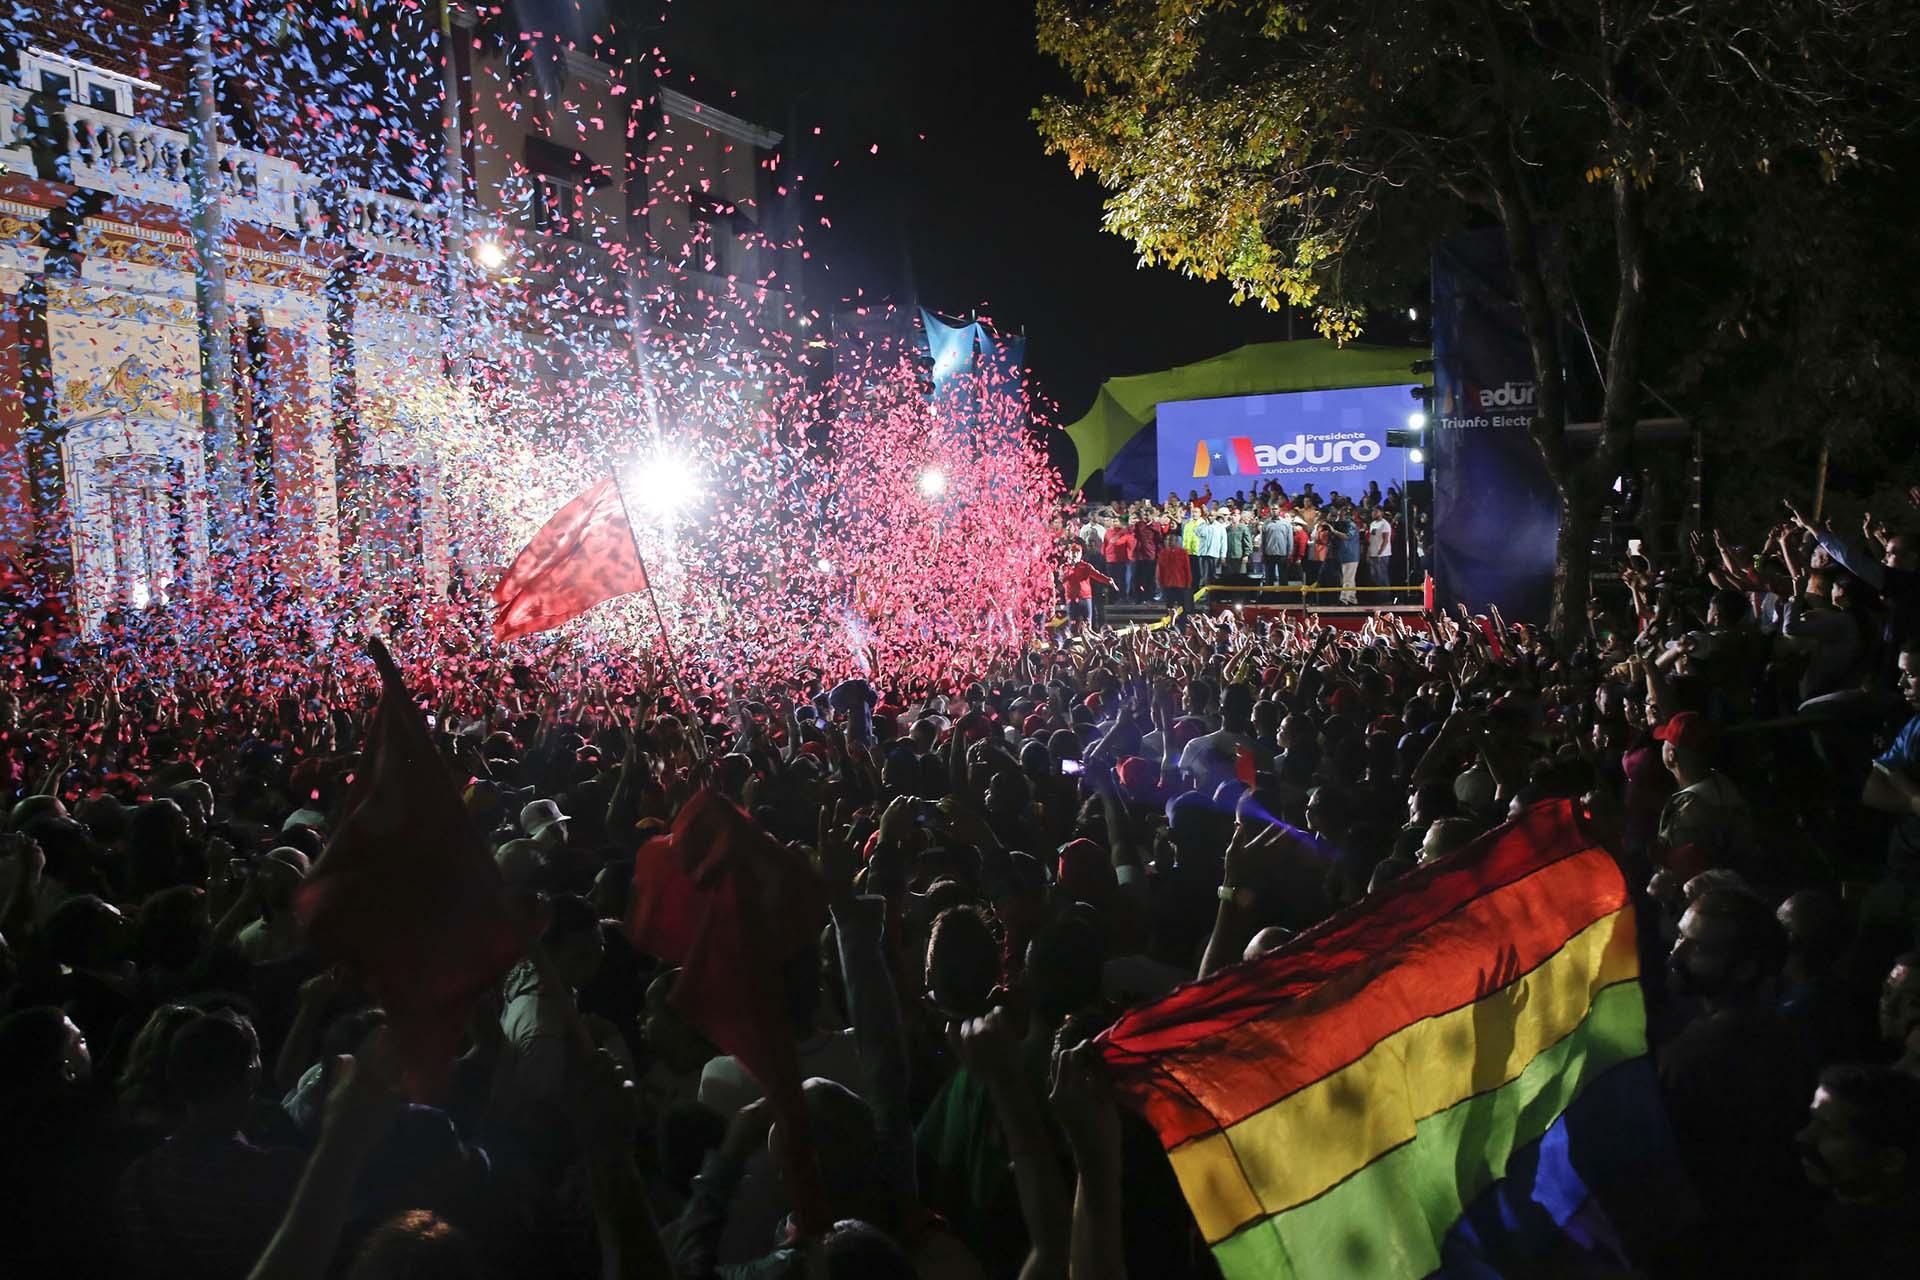 Venezolanoschavistascelebran la reelección del presidente Nicolás Maduro en elecciones fraudulentas el 20 de mayo frente al Palacio de Miraflores de Caracas